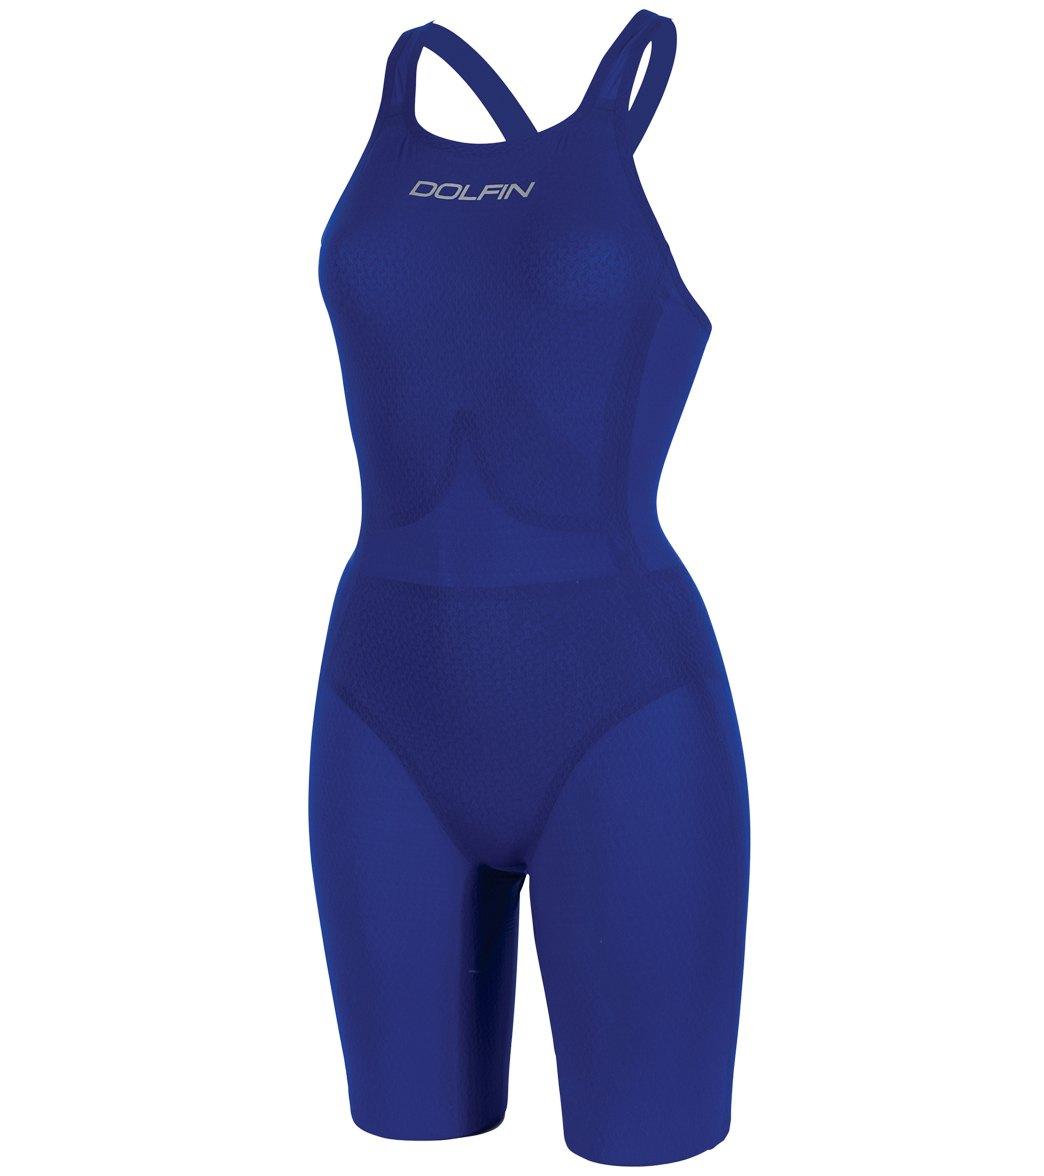 Dolfin Titanium women's tech suit